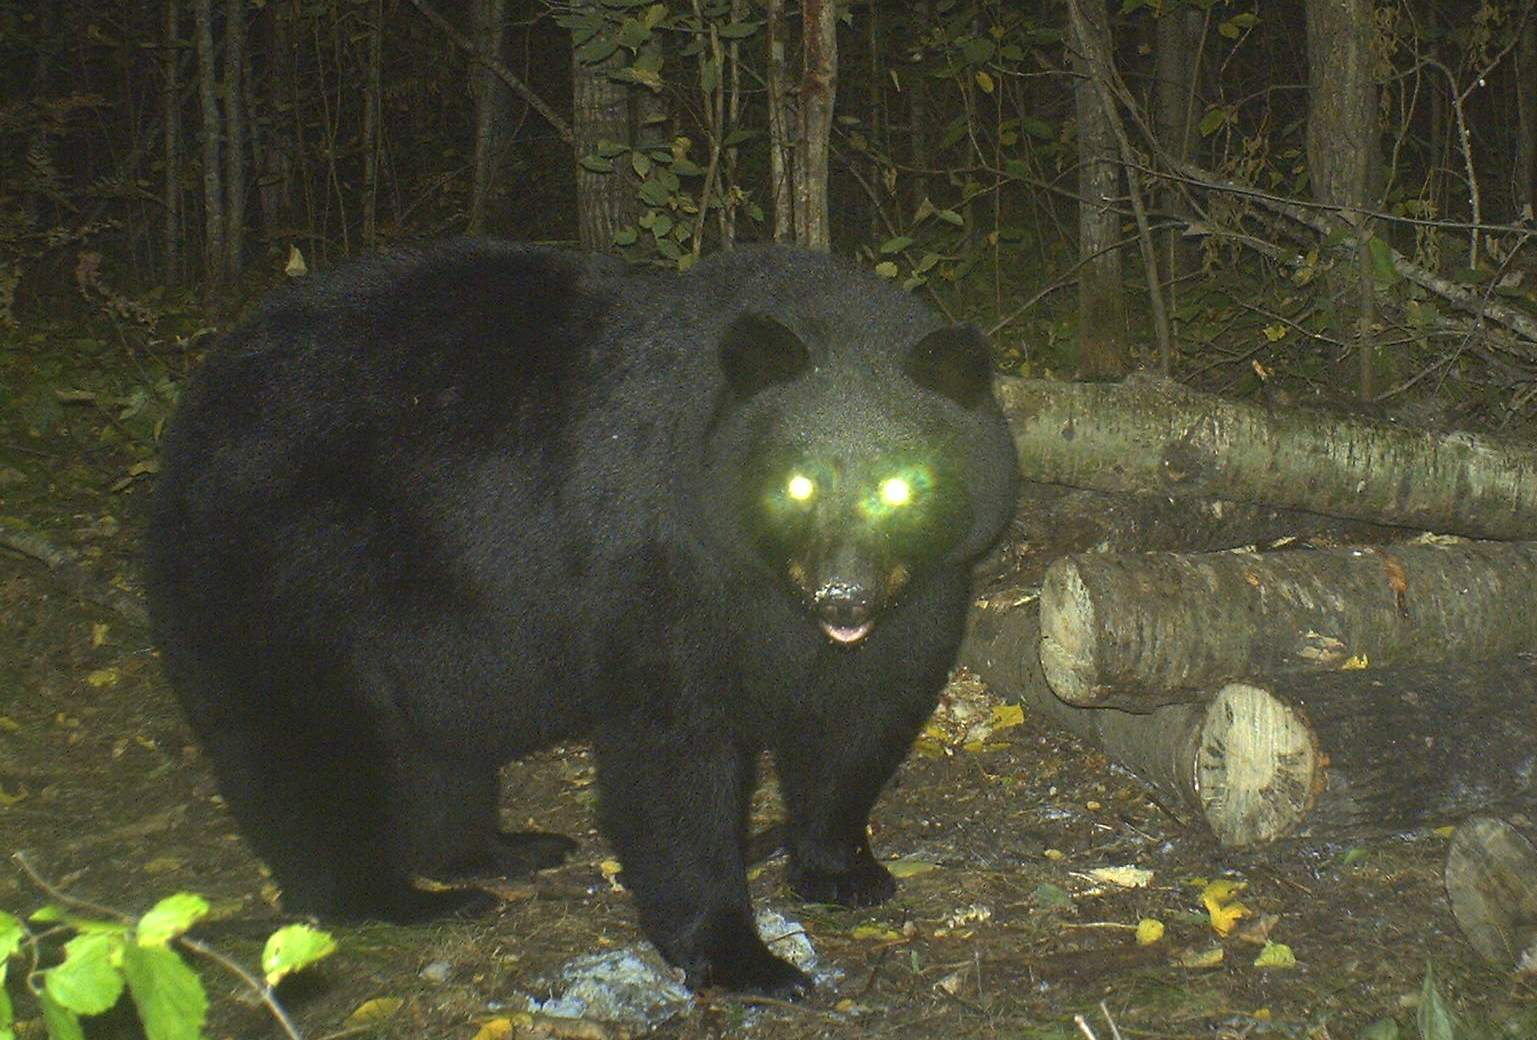 Bear eyes at night - photo#7